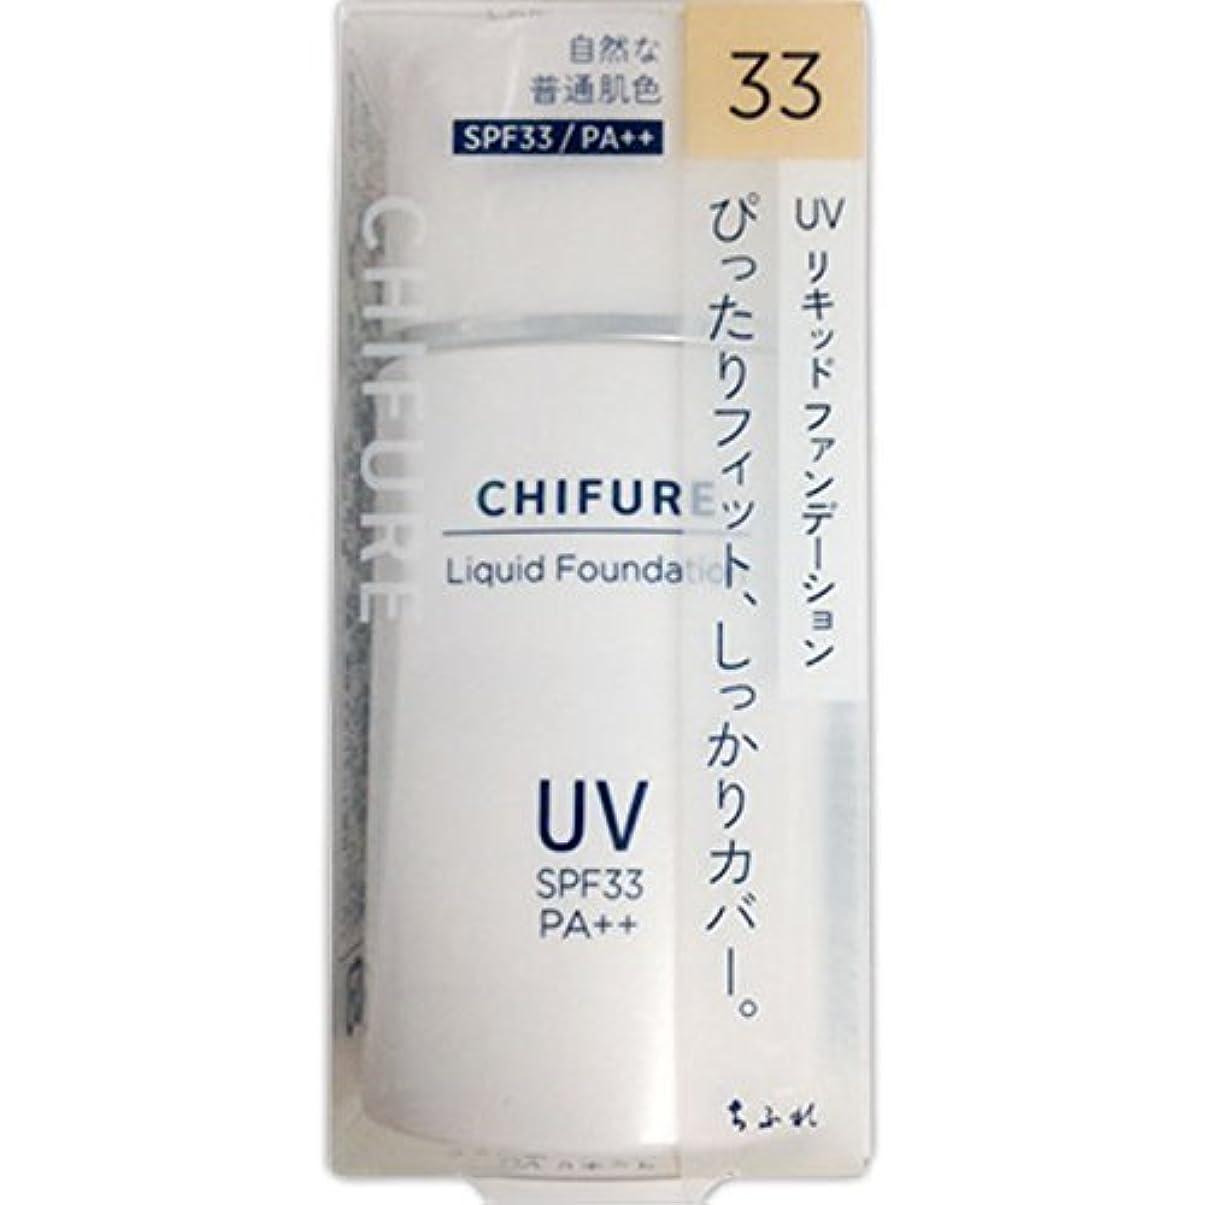 ちふれ化粧品 UV リキッド ファンデーション 33 自然な普通肌色 30ML